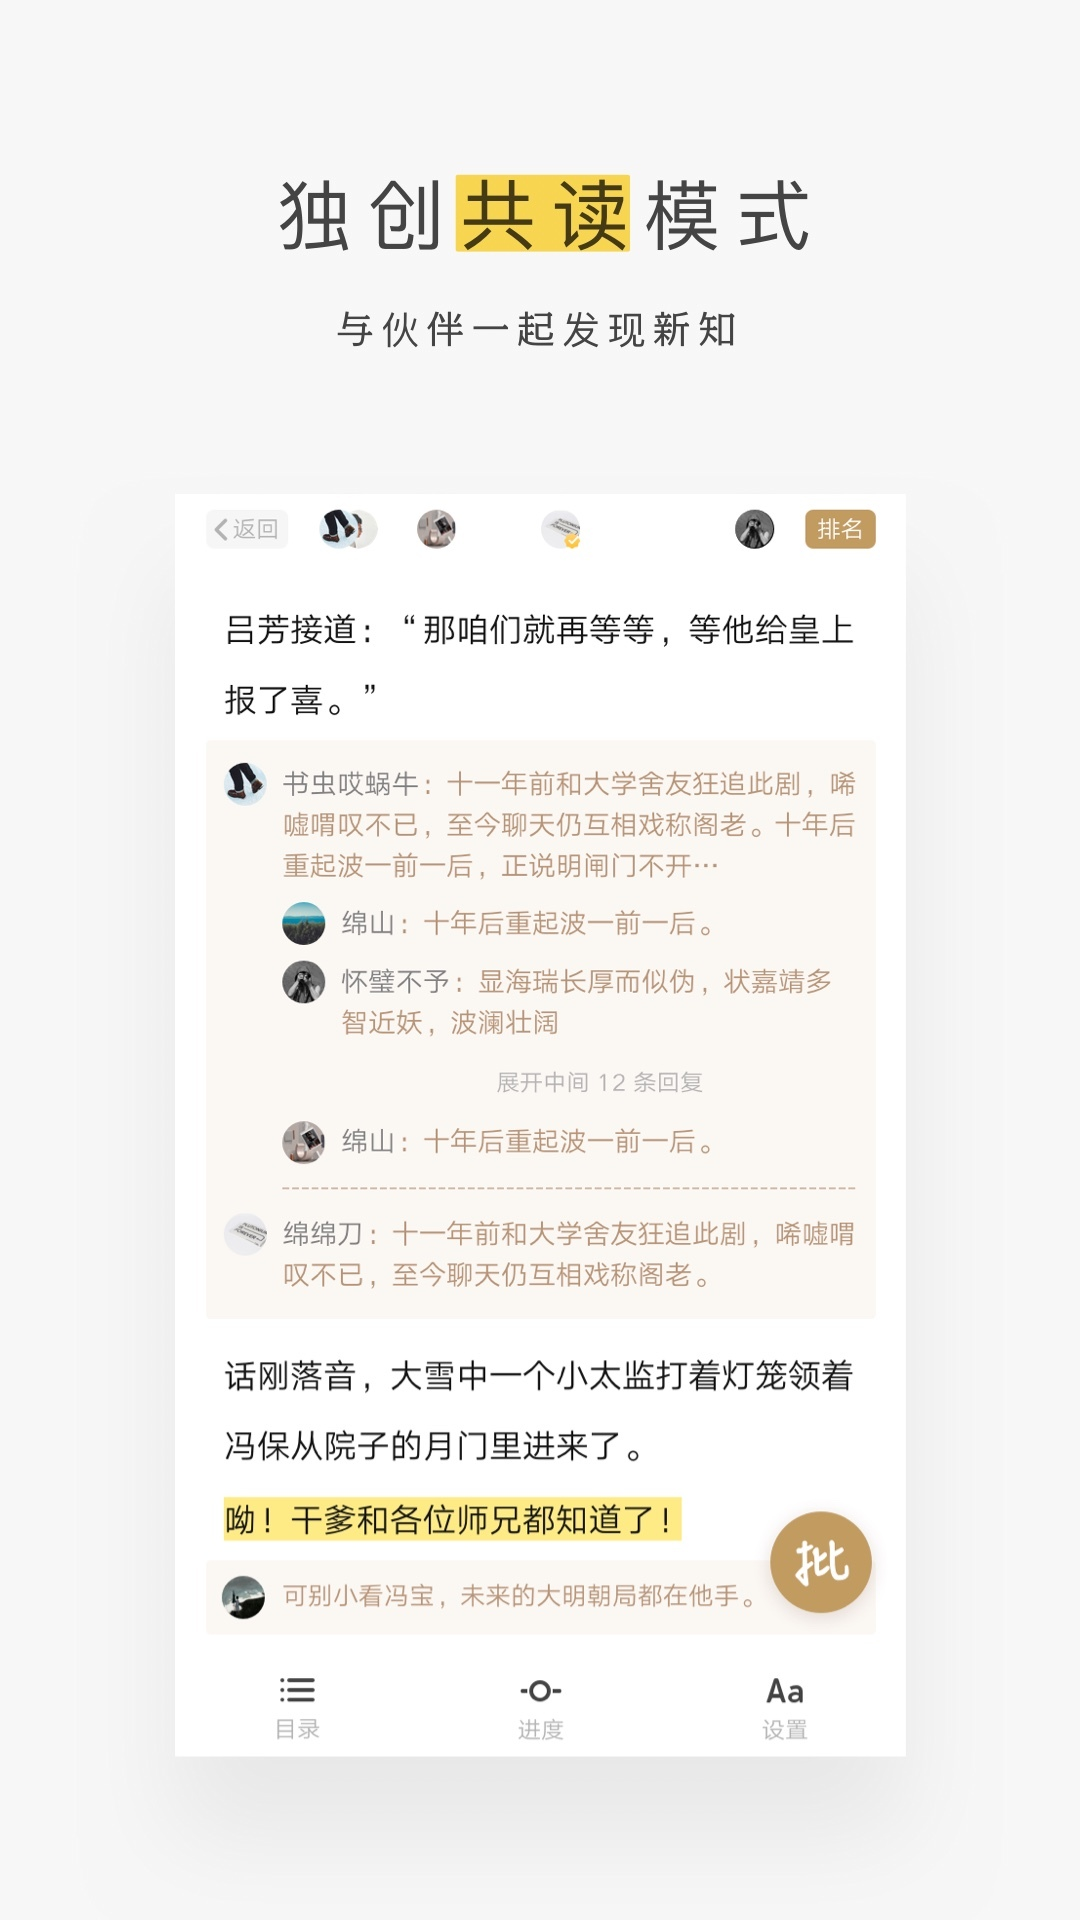 网易蜗牛读书去广告版 V1.9.15 安卓版截图3